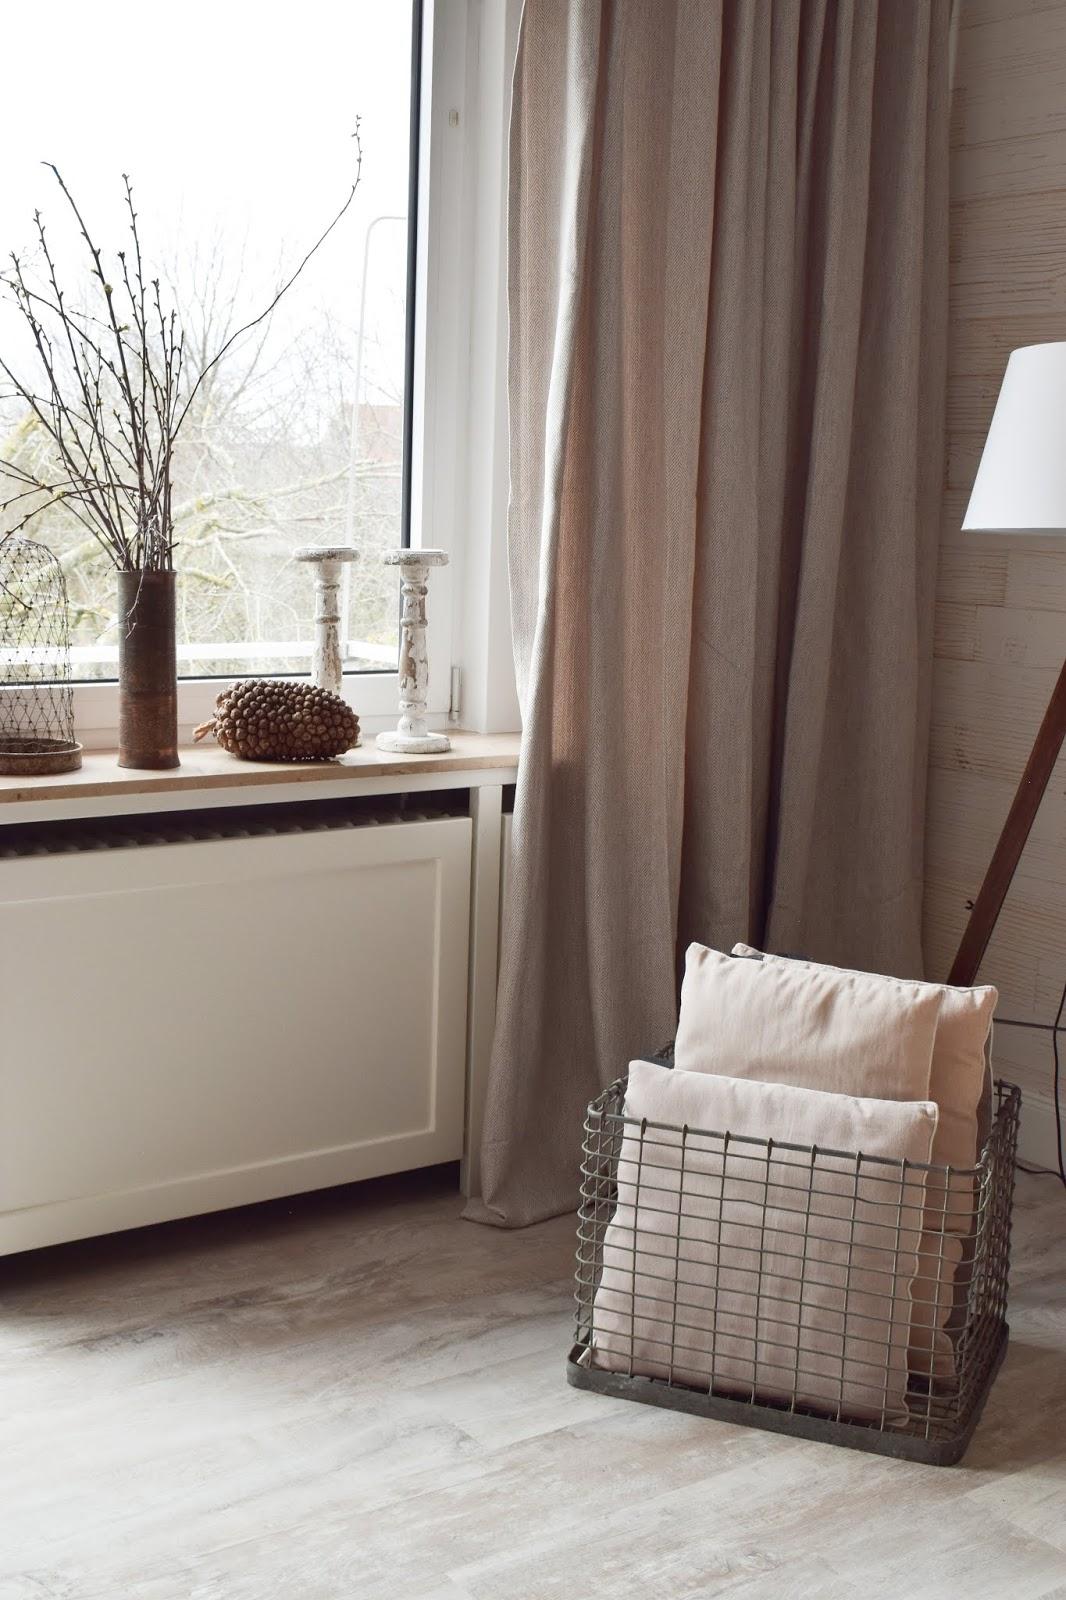 Wohnzimmer Dekoidee  Holz Wandwood Verkleidung Heizkörper Verschönerung Deko Einrichtung Renovierung renovieren DIY Selbermachen einrichten Vorhang Vorhänge